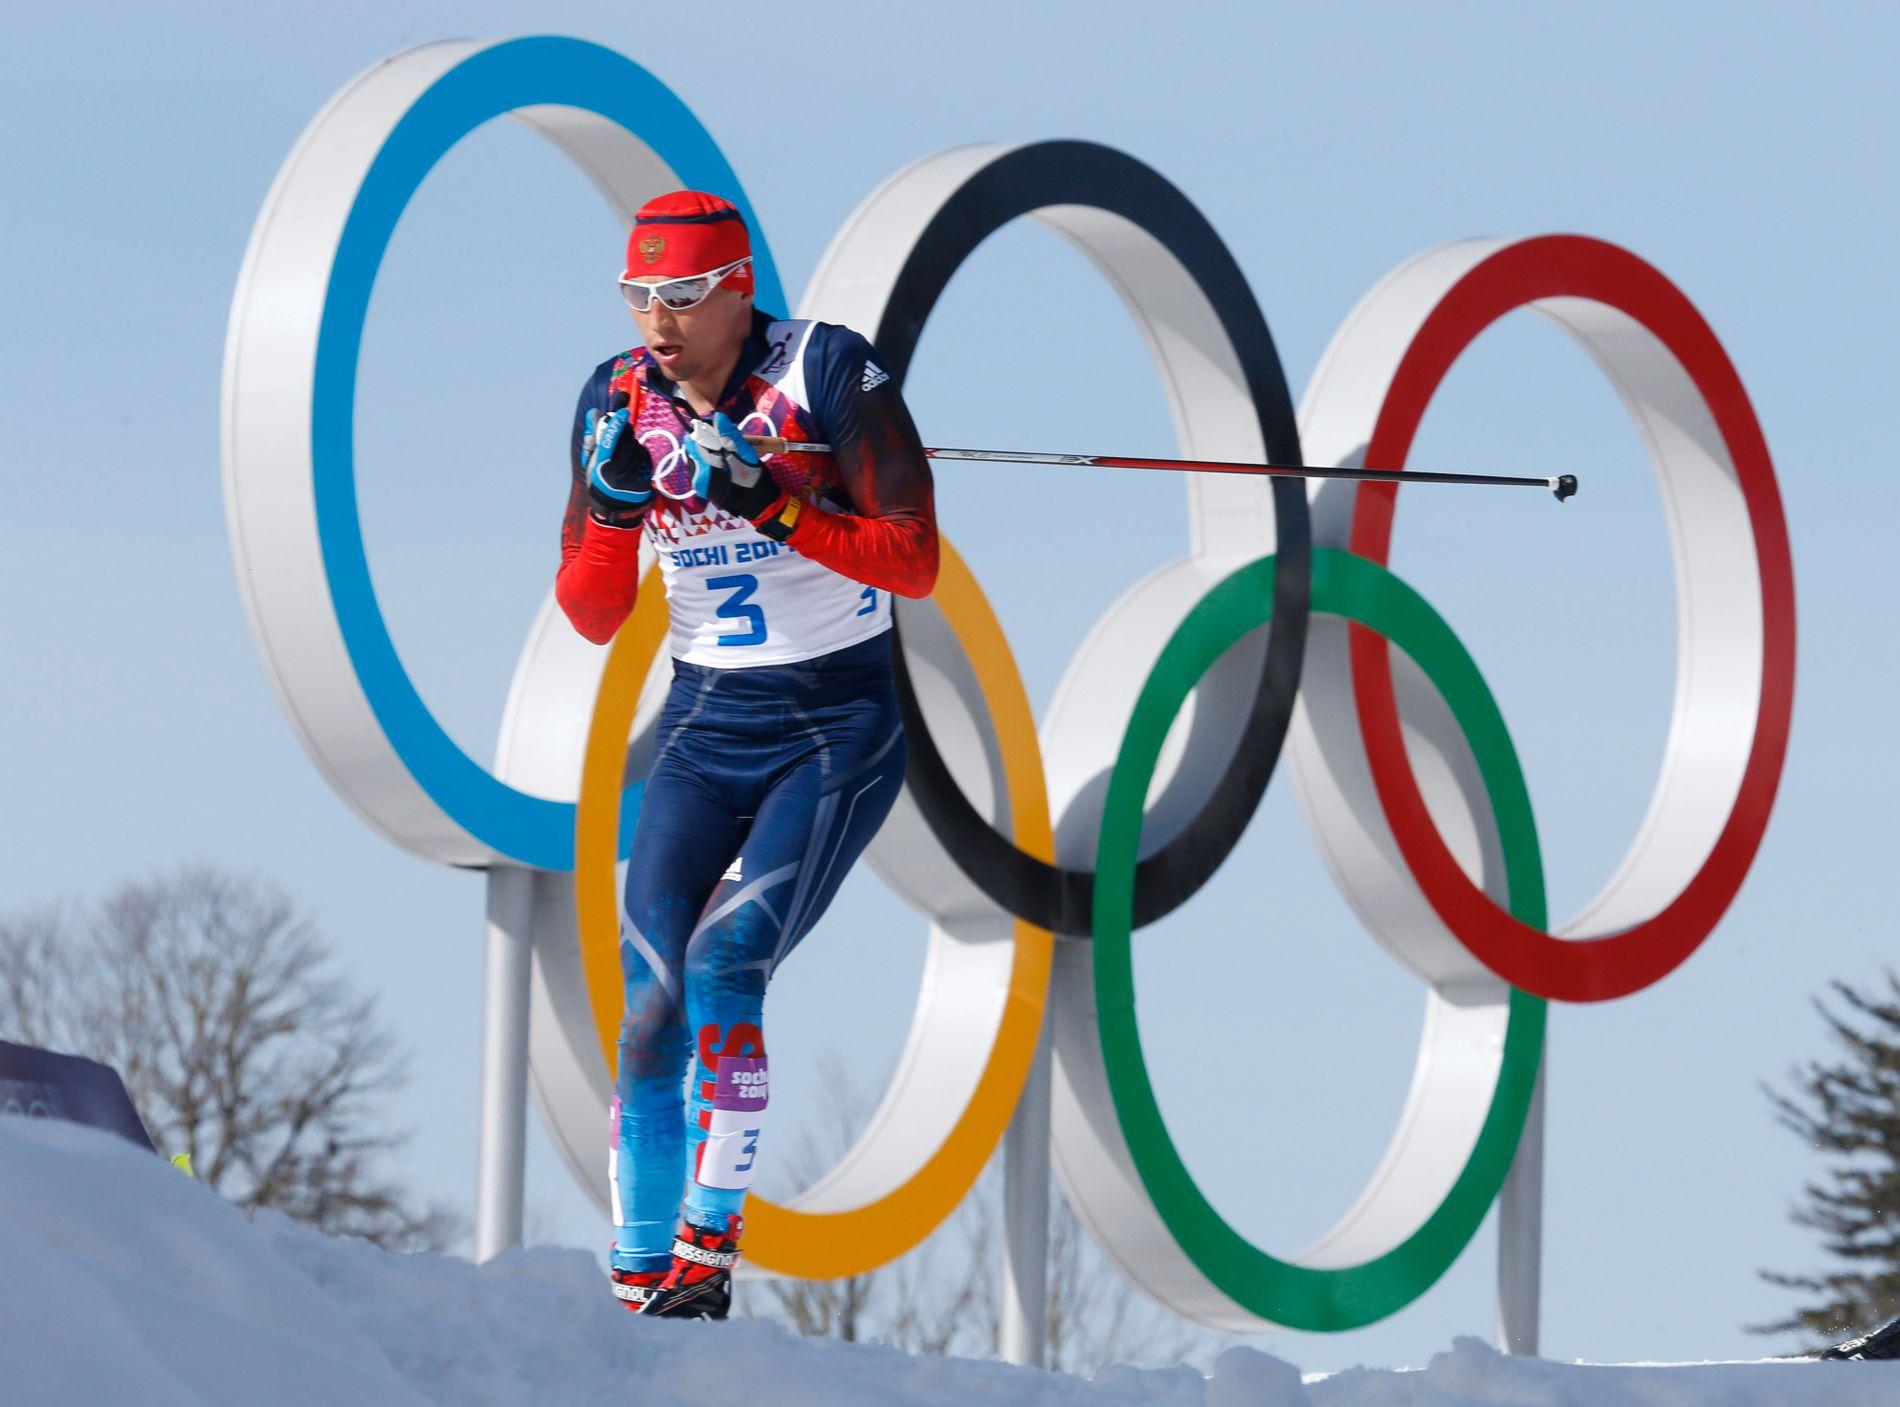 TOK GULL: Aleksandr Legkov tok gull på 50 kilometer langrenn under OL i Sotsji i 2014. Nå kjemper han for å få delta i lekene i Sør-Korea om under fire måneder.